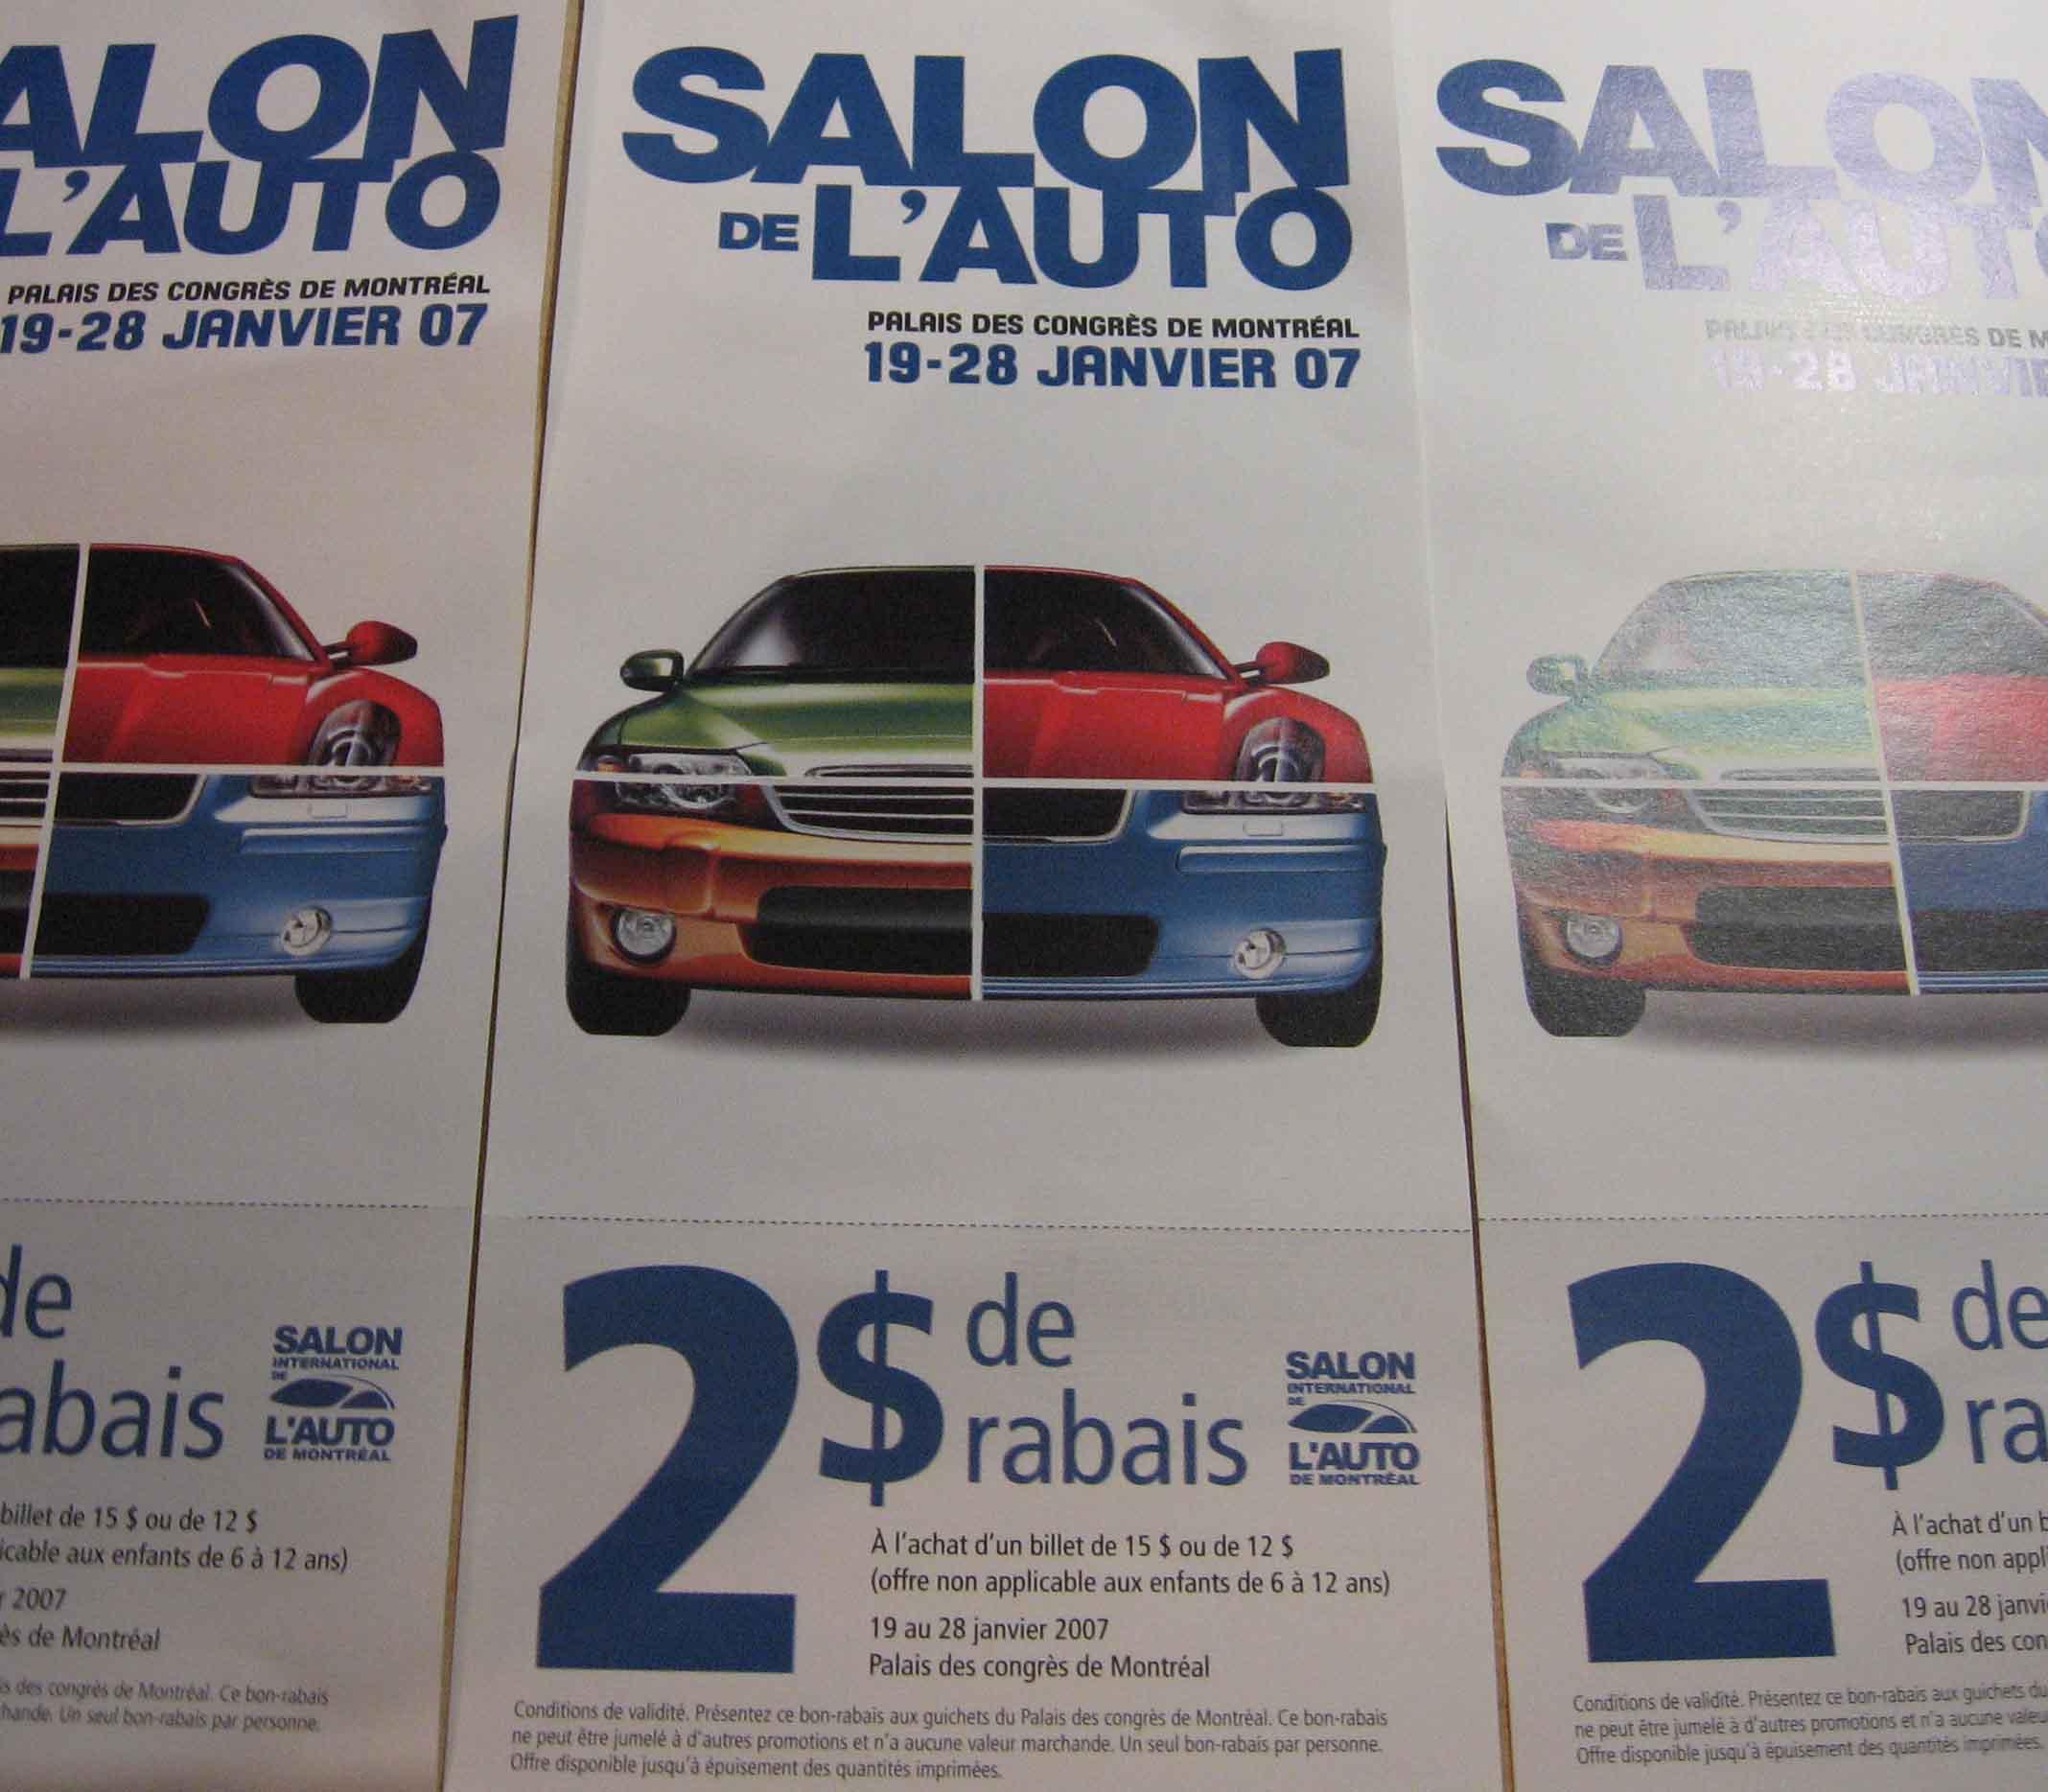 Salon de l'auto Montréal 2007